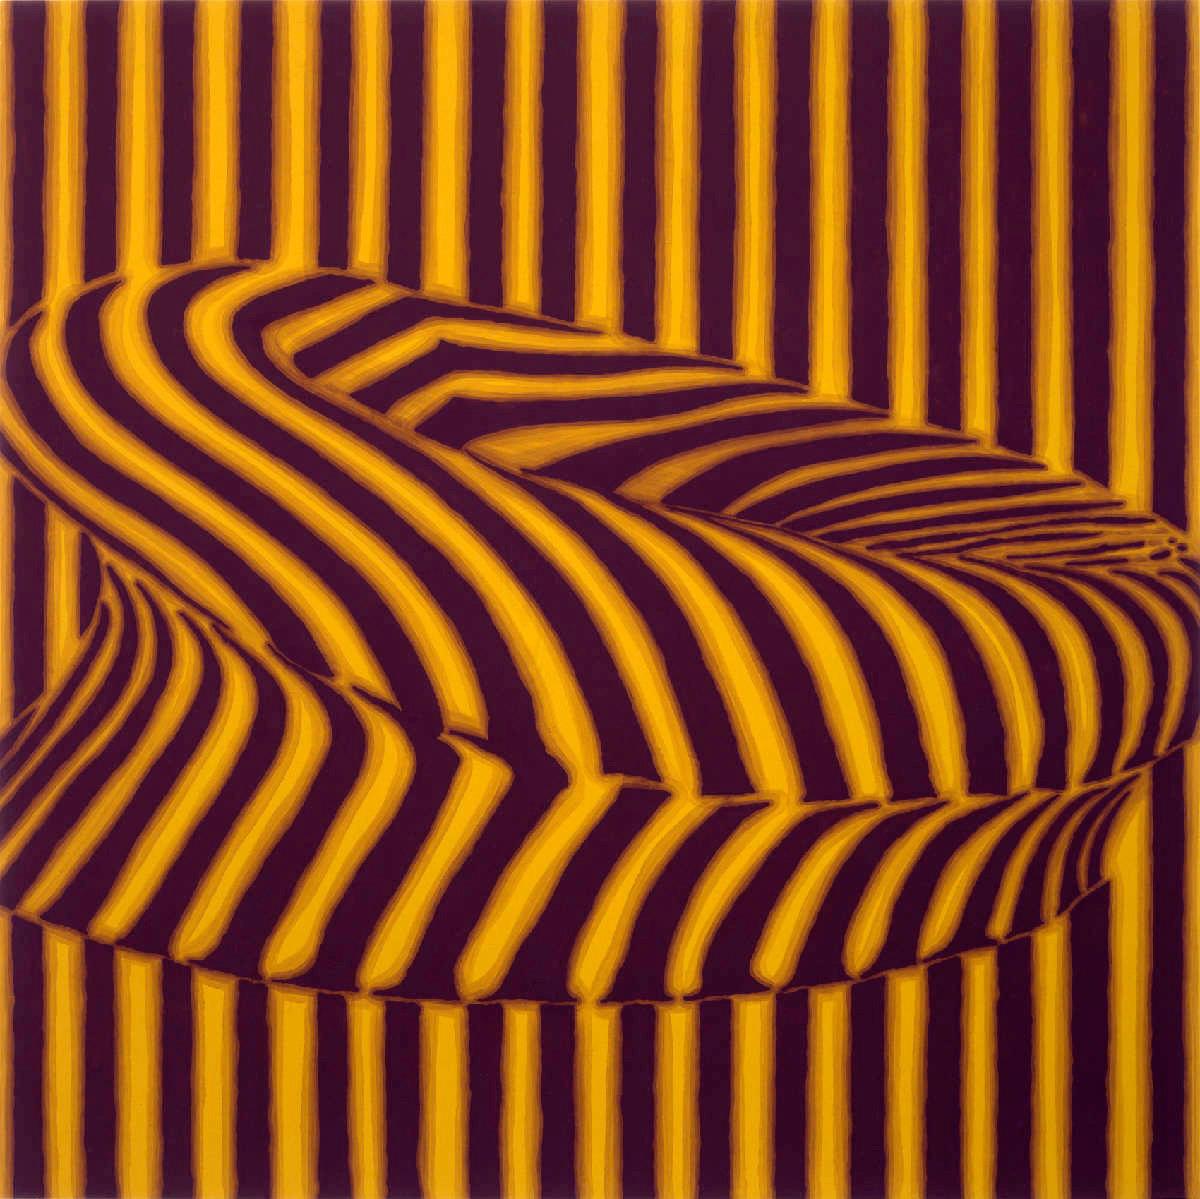 Sofa, 1998, peinture alkyde sur Aerolam, 123  x 122 cm